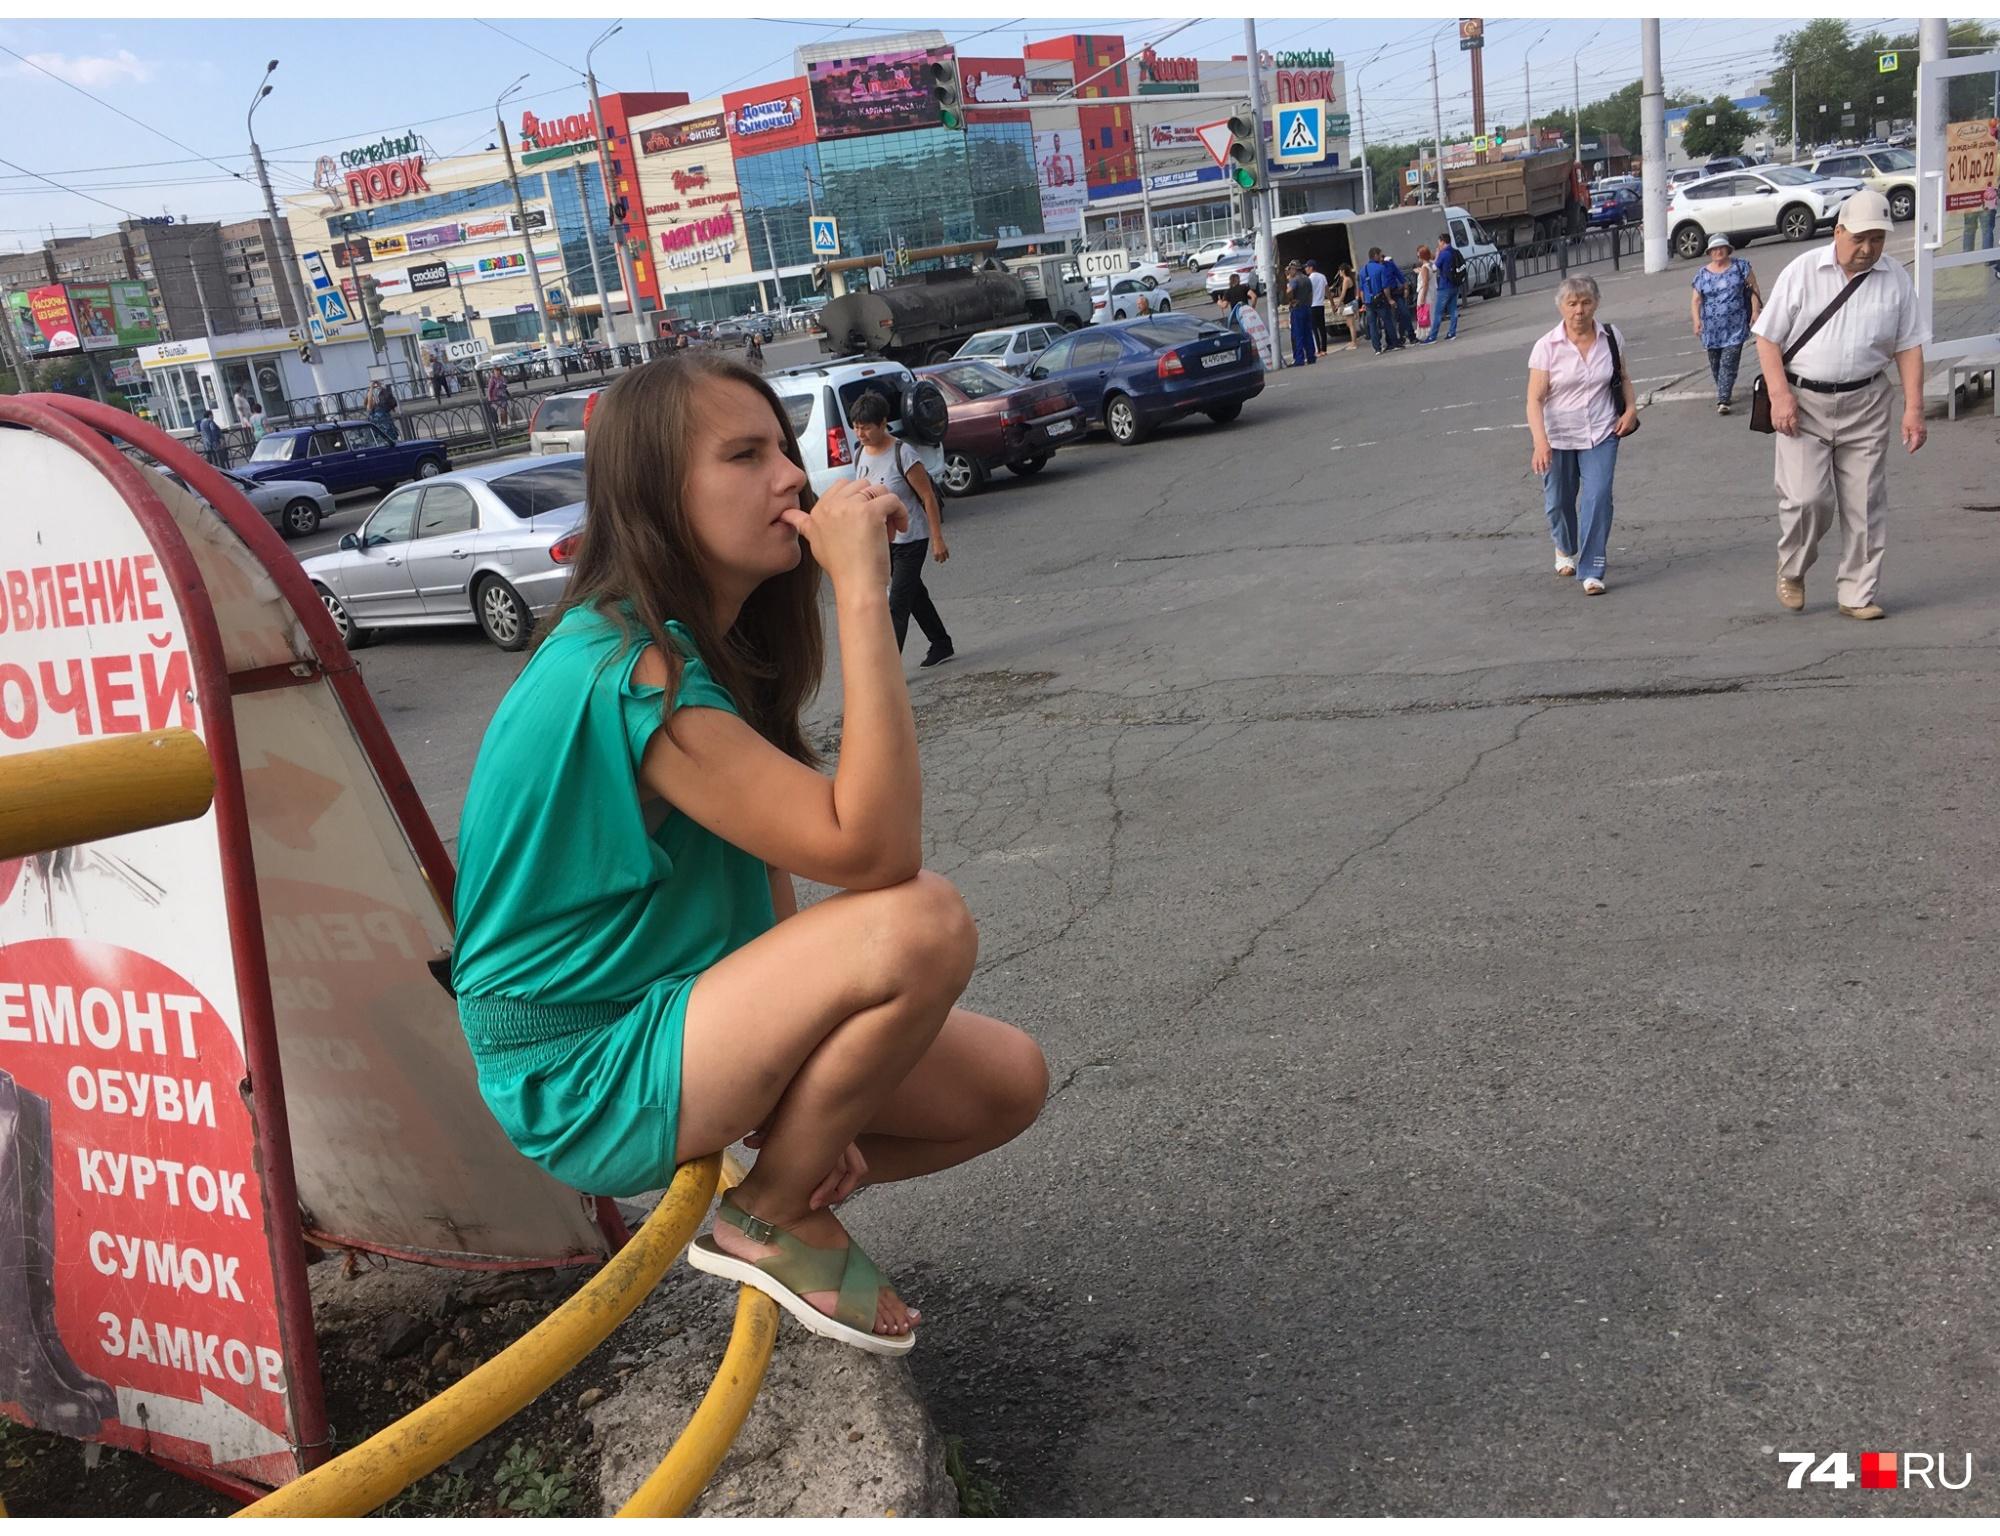 Молодая жительница Магнитогорска тоже ждёт визита Путина и попросила у корреспондентов 74.ru мелочи на шкалик в честь Дня металлурга